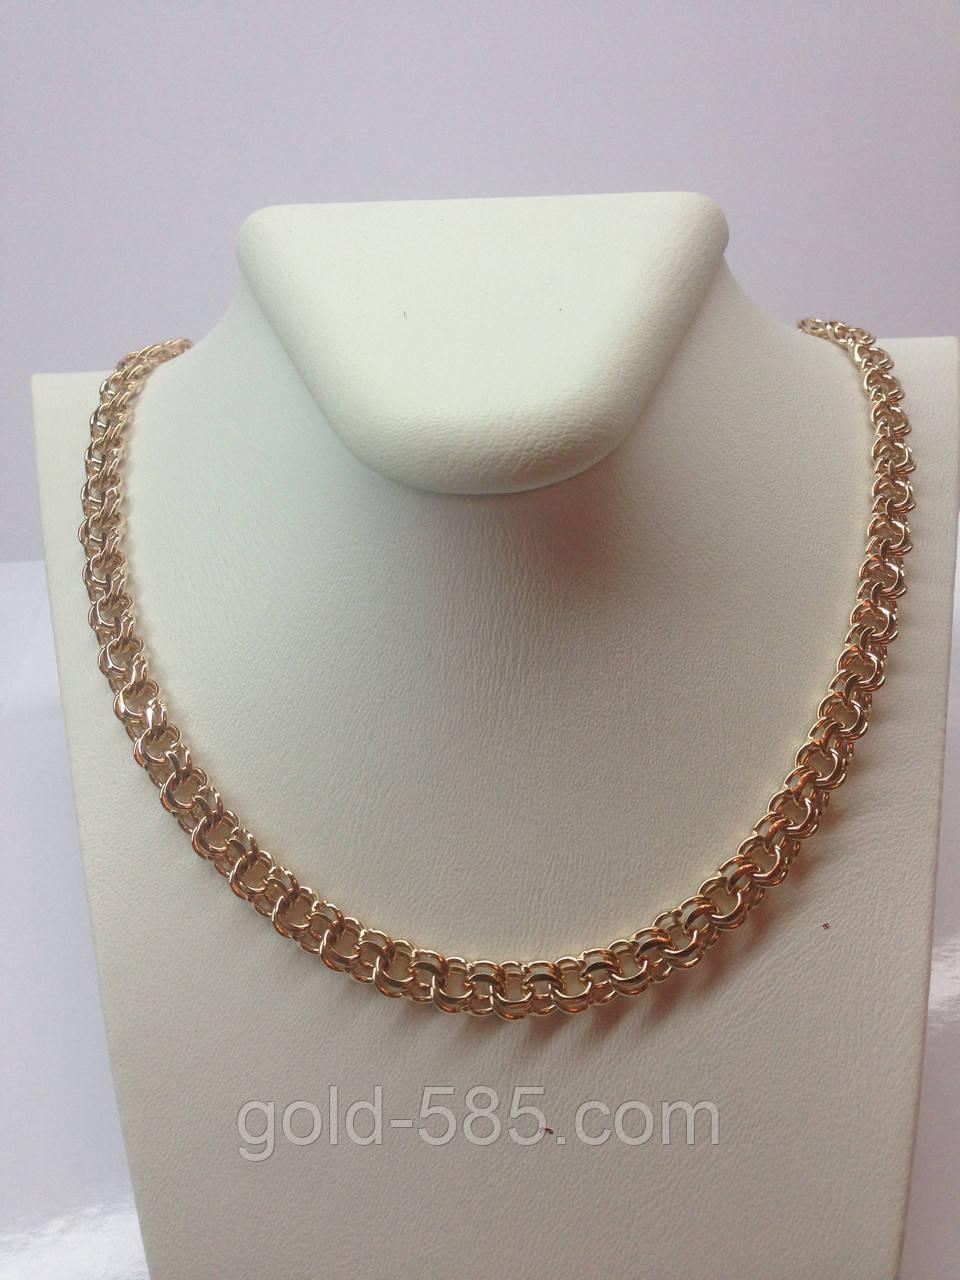 ffd61ad0ff6 Увесистая золотая цепочка плетения бисмарк 585* пробы - Мастерская  ювелирных украшений «GOLD-585